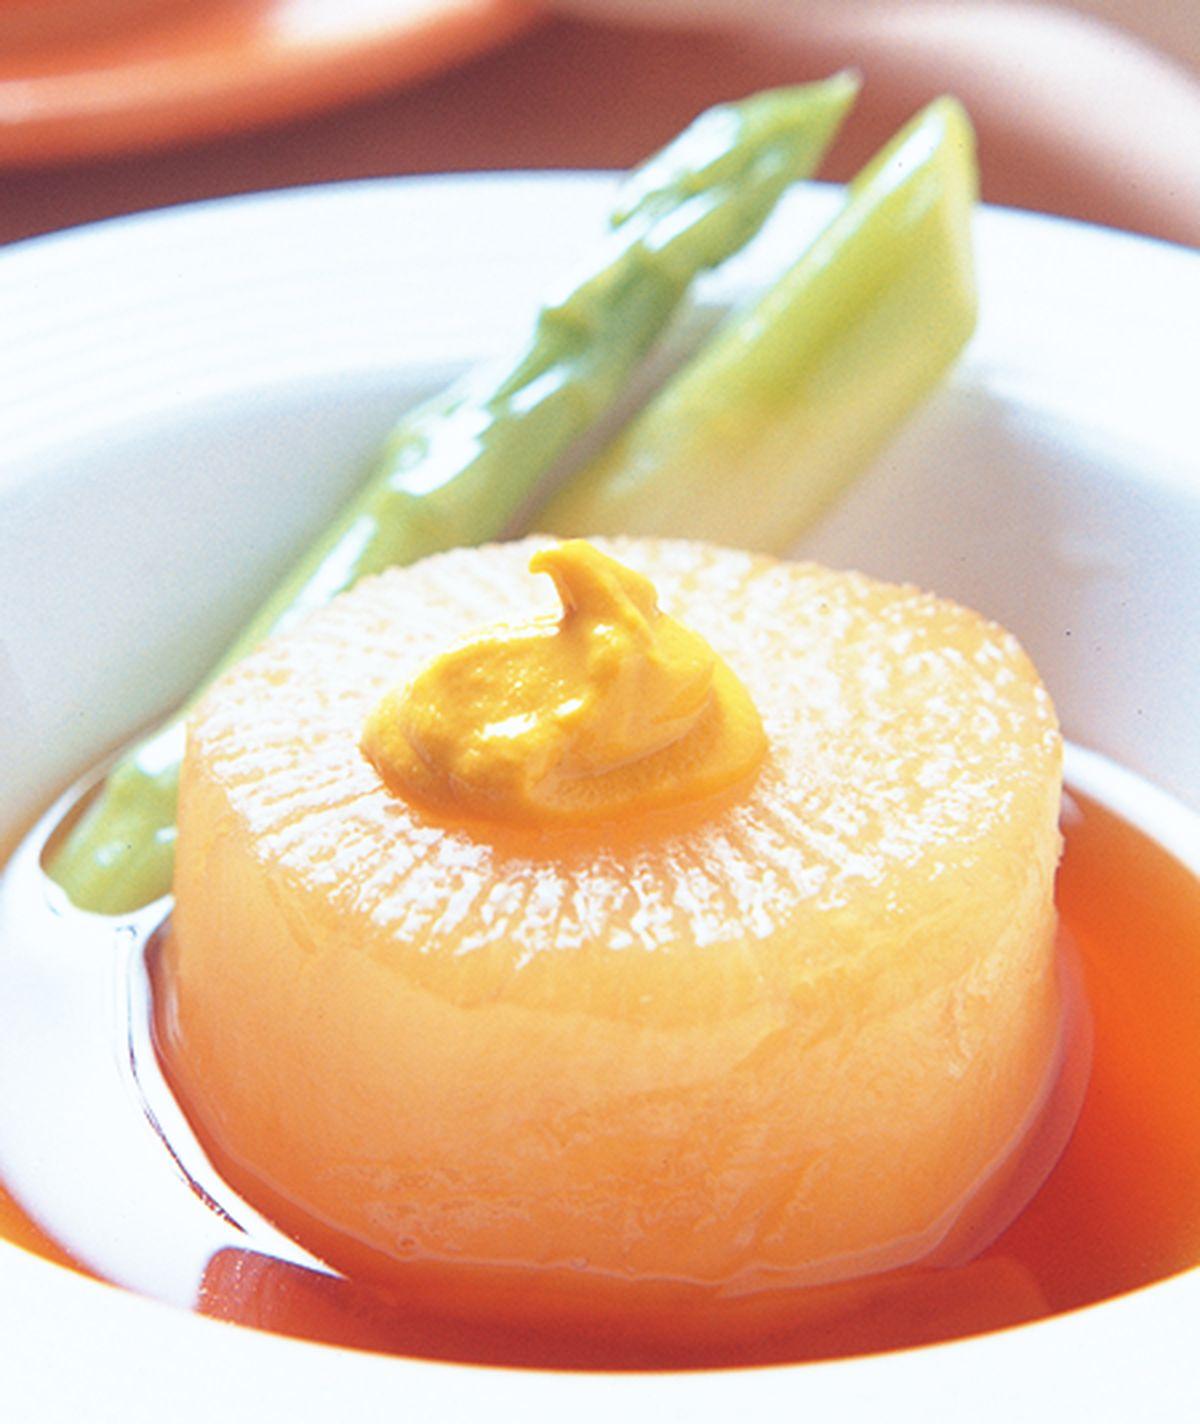 食譜:蘿蔔煮